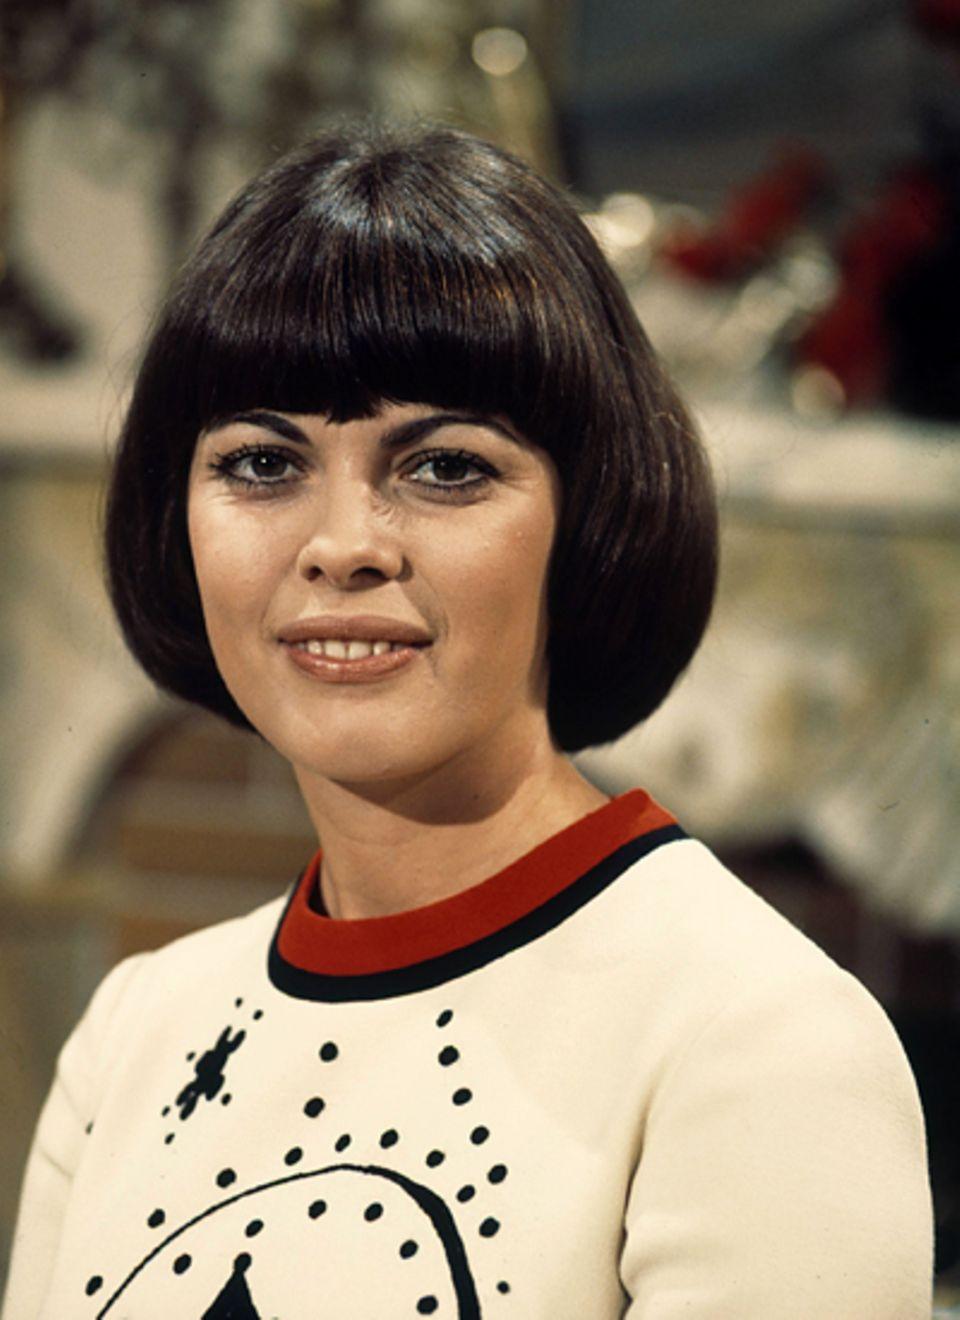 Mireille Mathieu mit typischem Rundschnitt im Jahr 1976